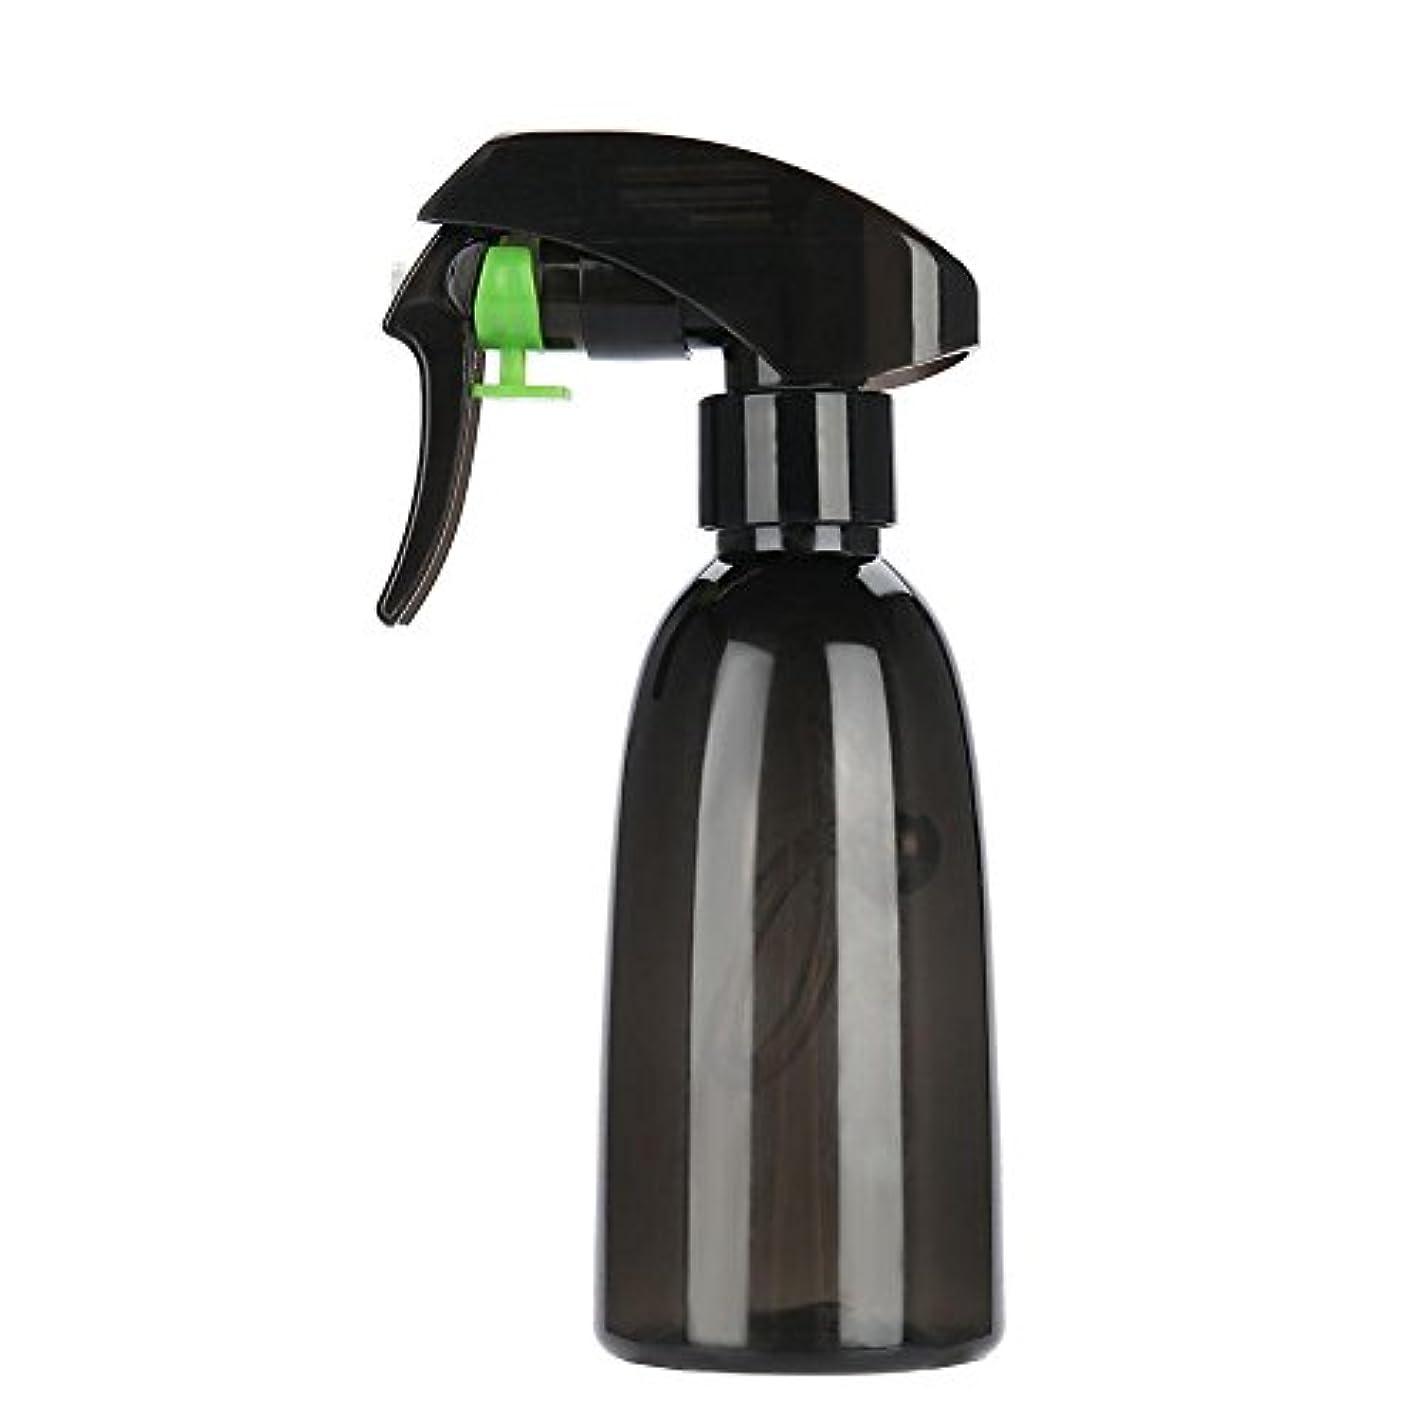 不愉快に極小野心水スプレー、2色詰め替え式プラスチック理髪スプレーボトル水スプレーサロン理容ツール(ダークグリーン)